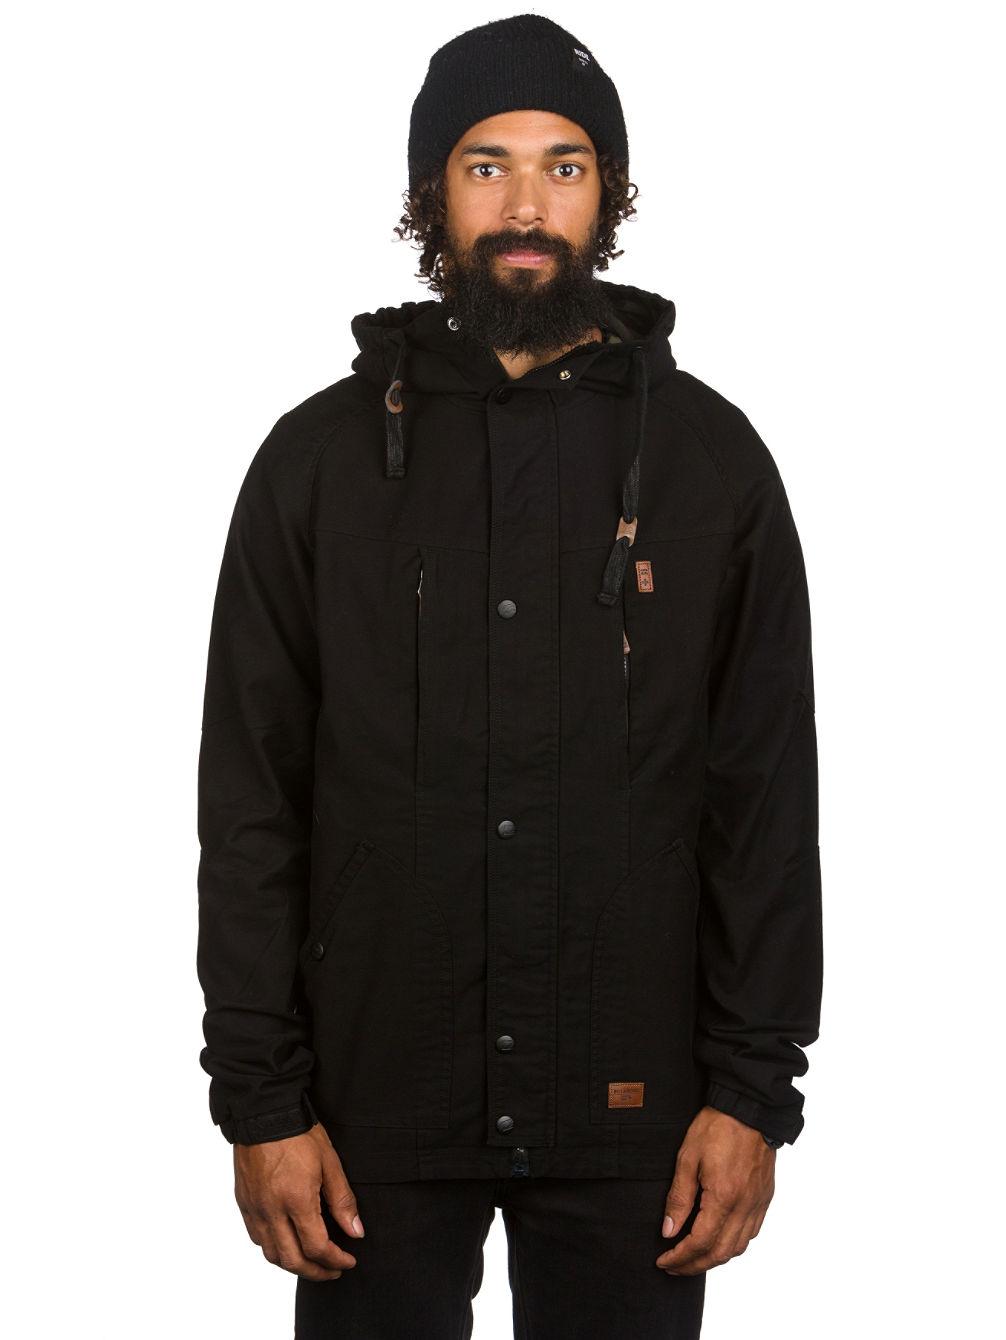 billabong-pole-jam-jacket